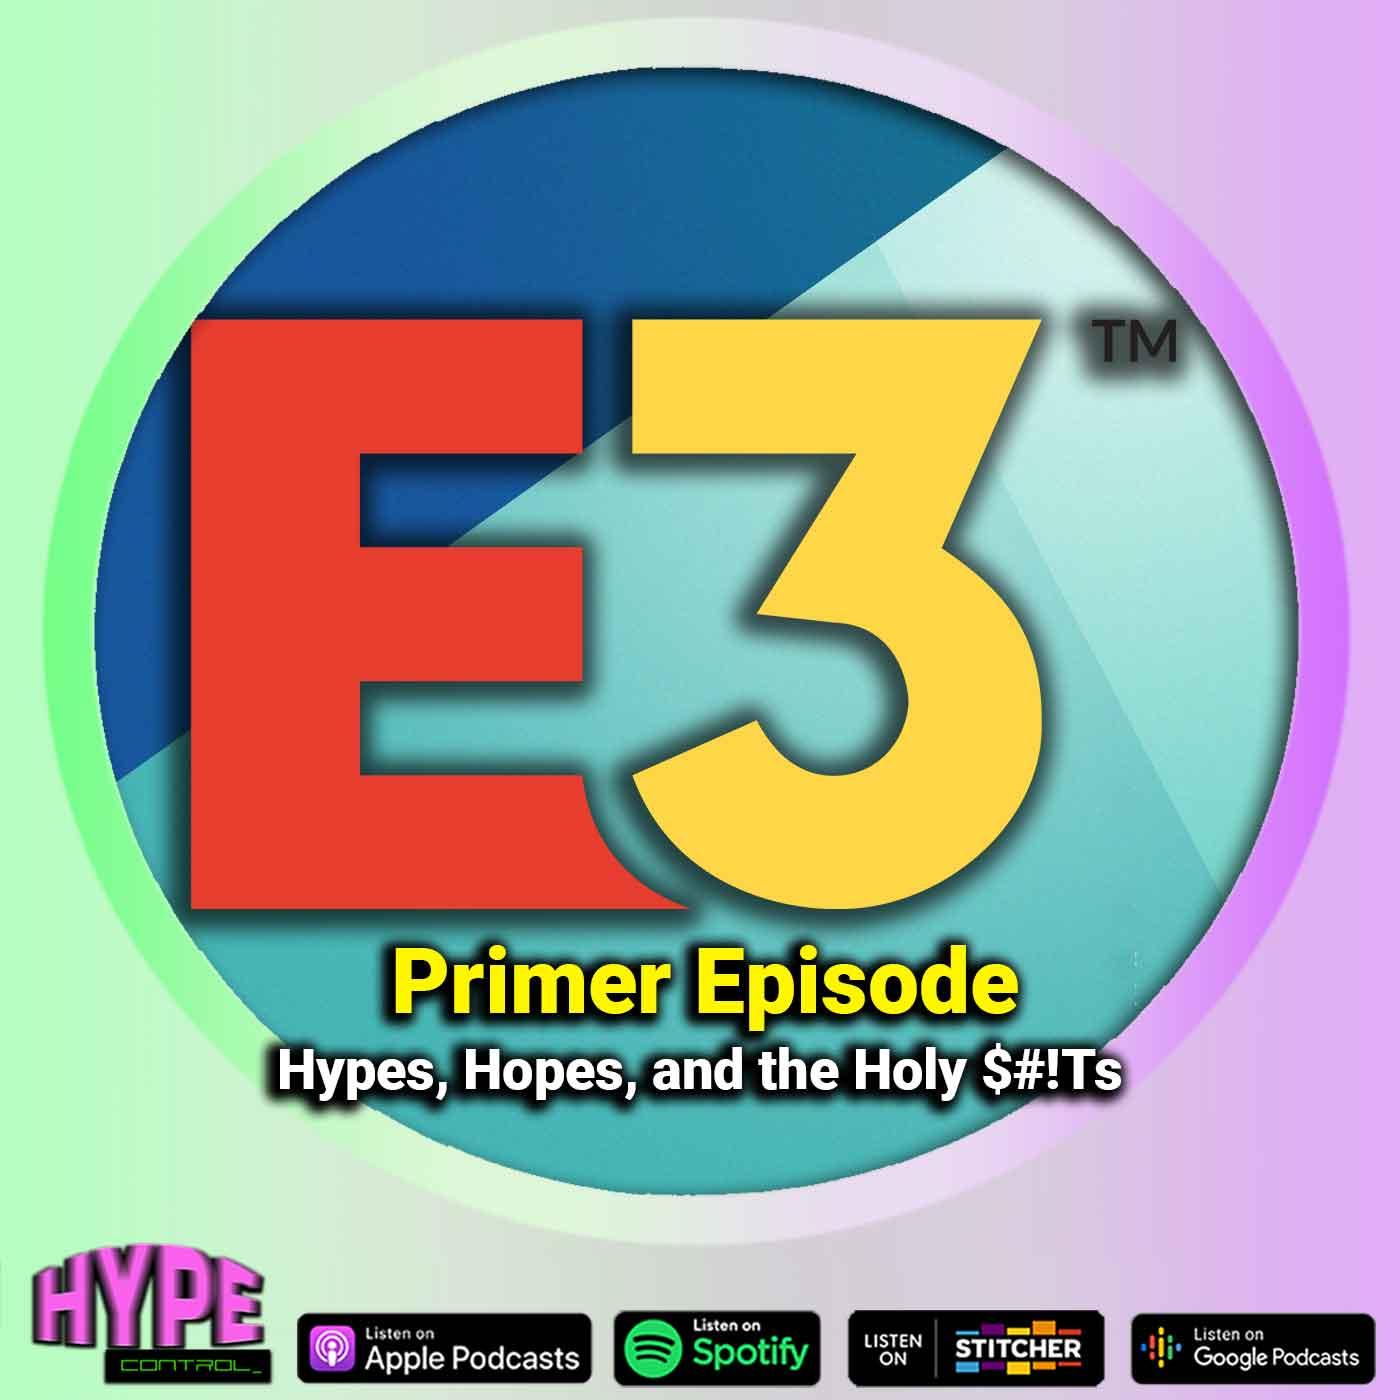 Ep. 24 - E3 Primer; Hypes, Hopes and Holy Shits